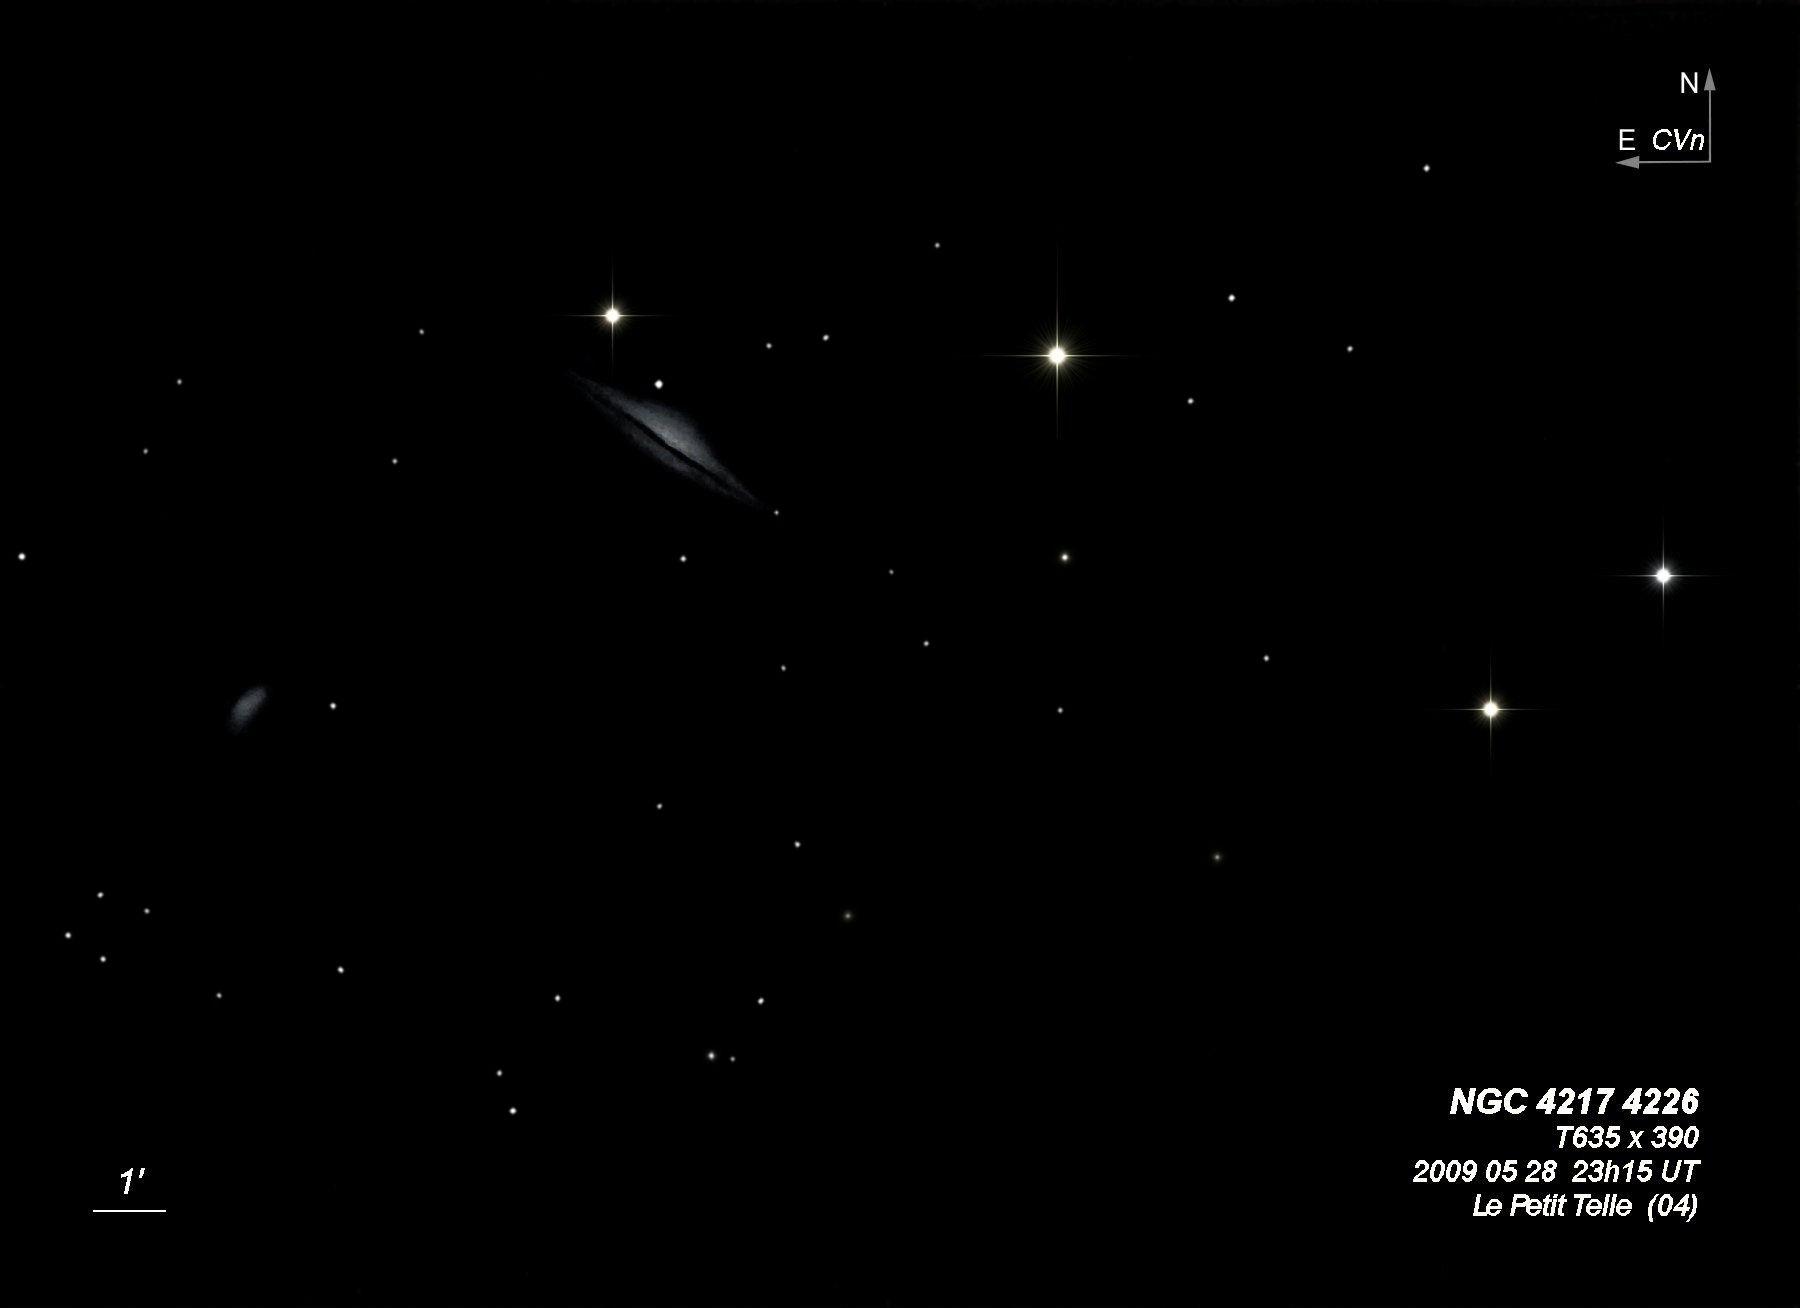 NGC 4217 26  T635  BL.jpg